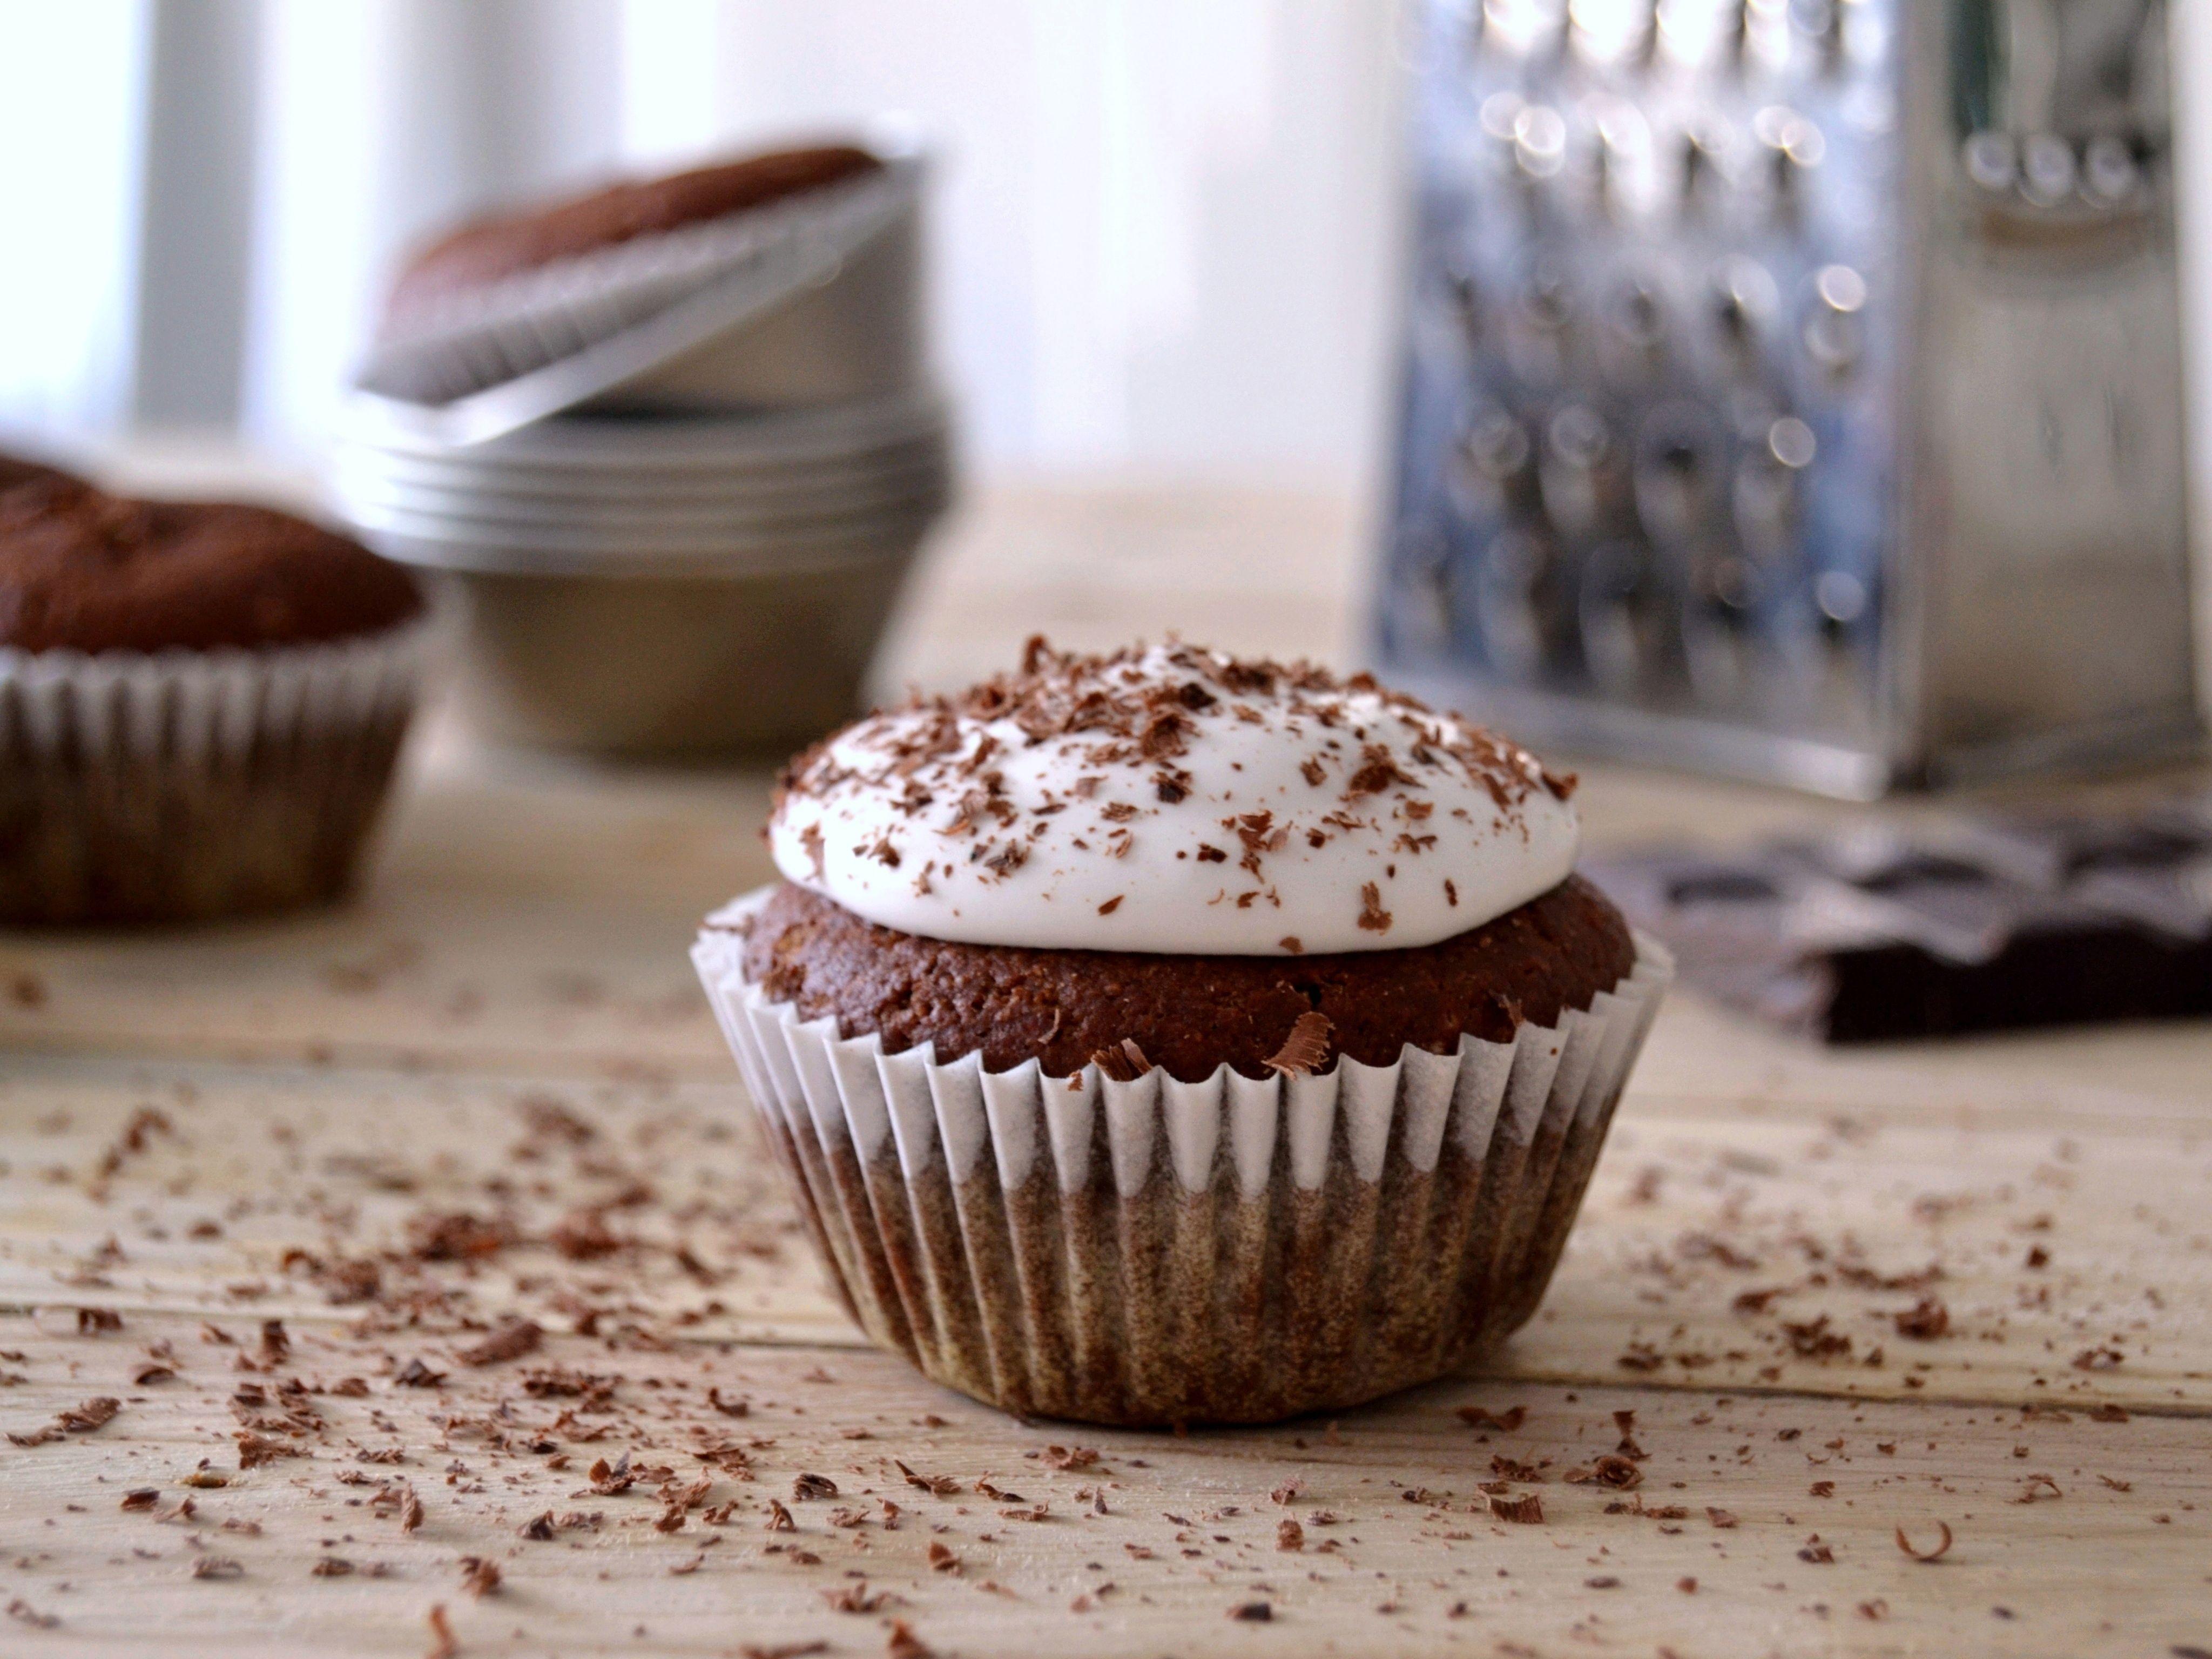 Cupcakes de chocolate com cobertura de coco // Chocolate cupcakes with coconut frosting